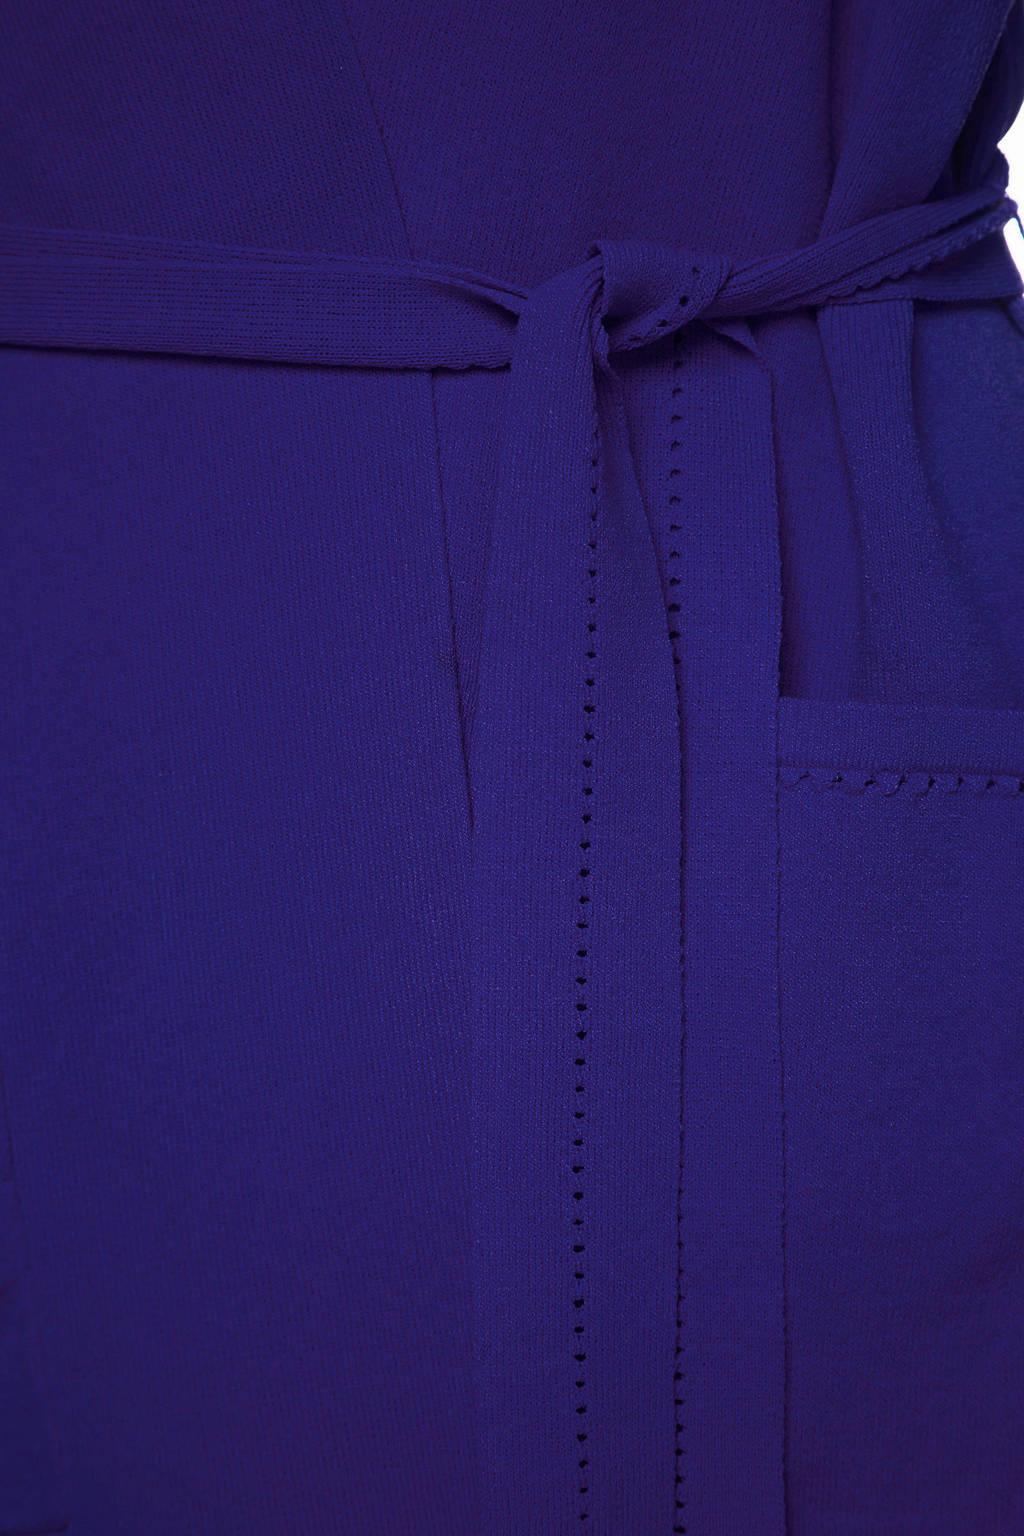 Promissmart Visser Vest Vest Visser Promissmart Kobaltblauw Kobaltblauw Visser Visser Vest Kobaltblauw Promissmart Promissmart ARrqAxB